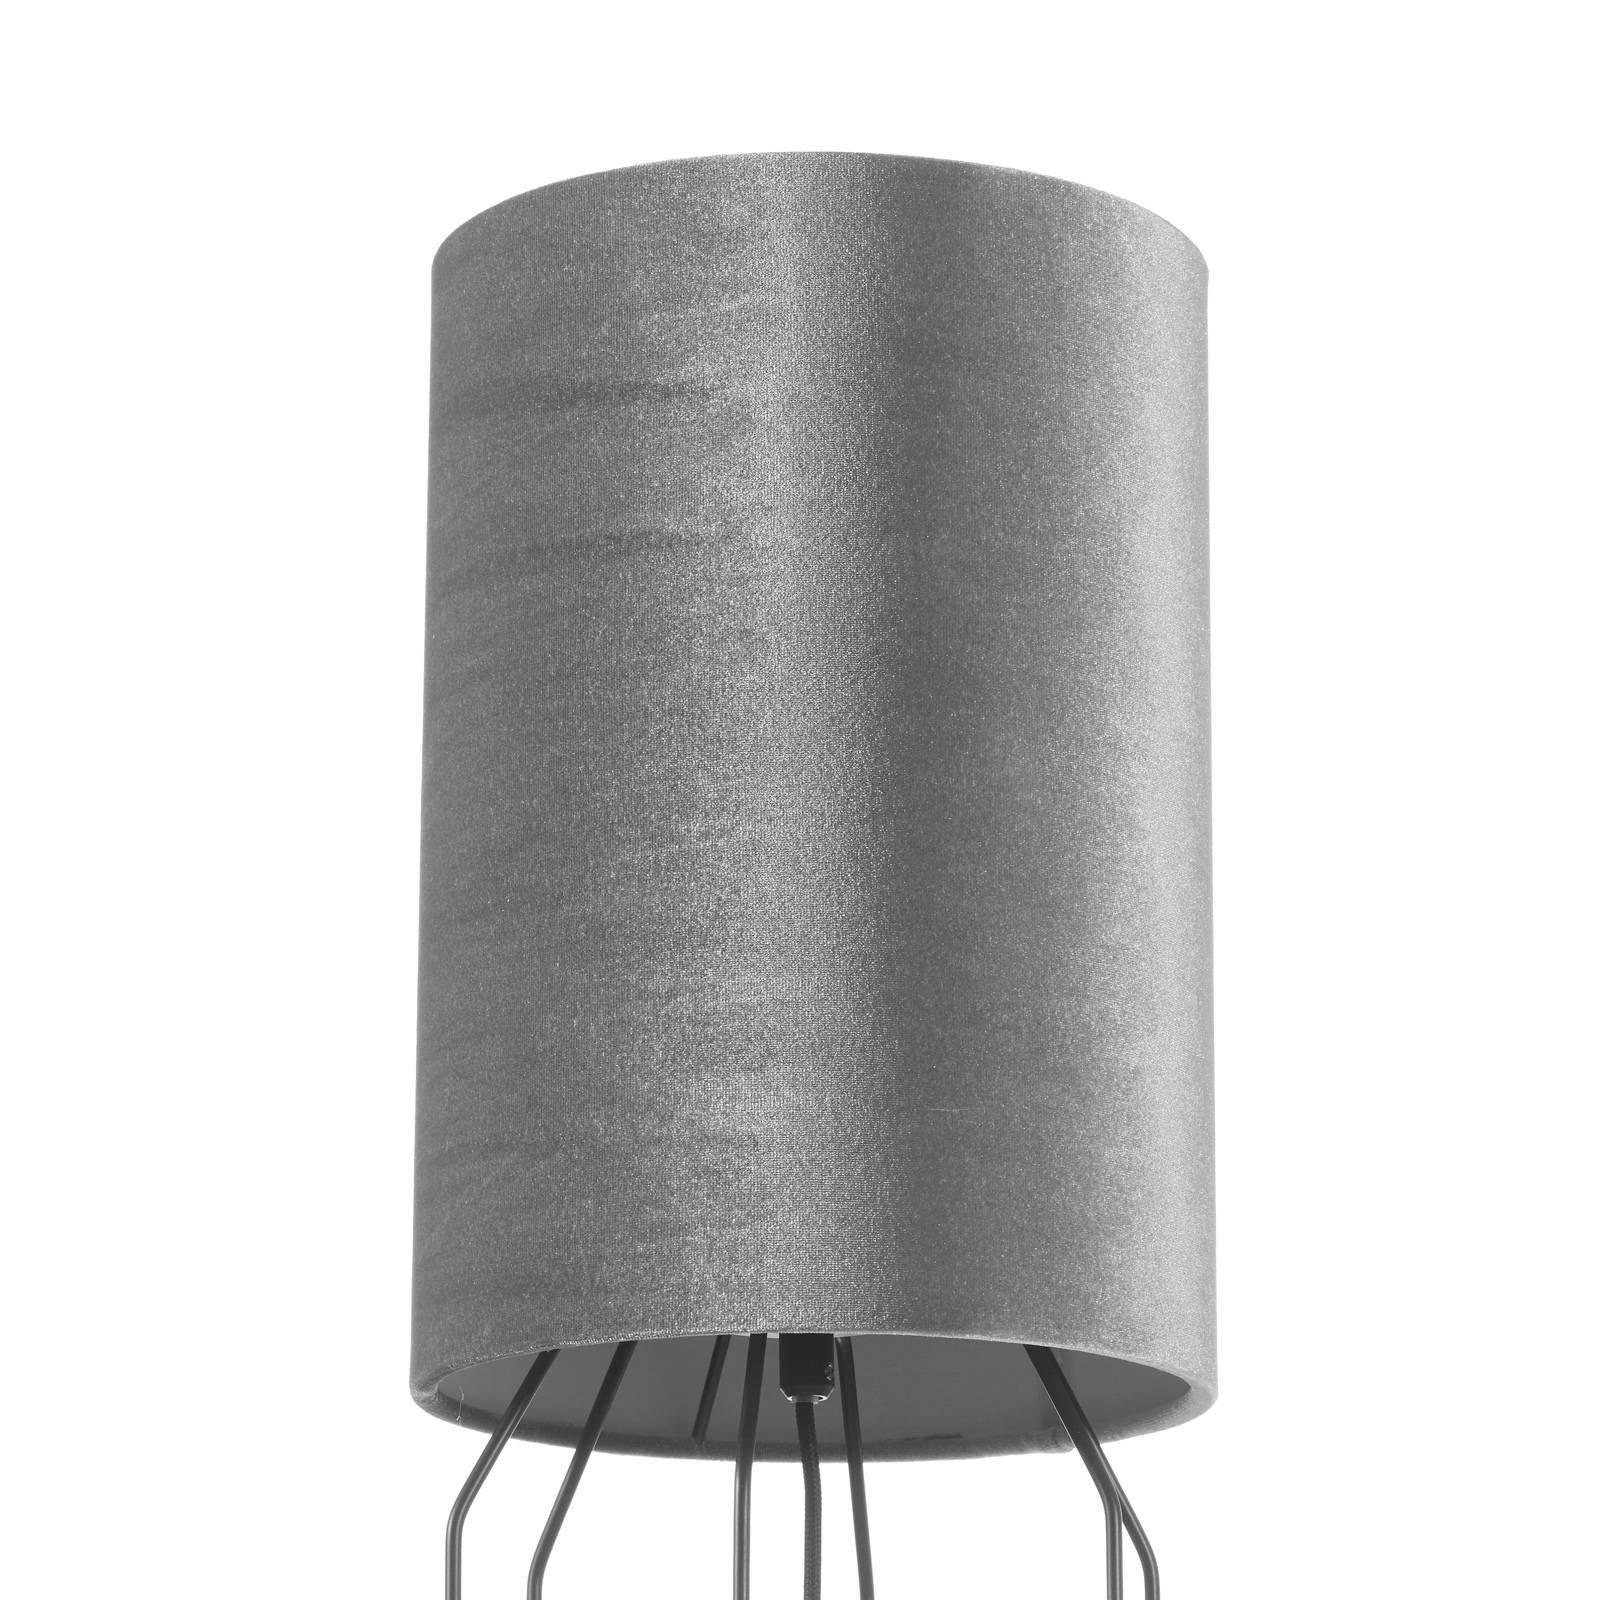 Schöner Wohnen Grace gulvlampe, sølv